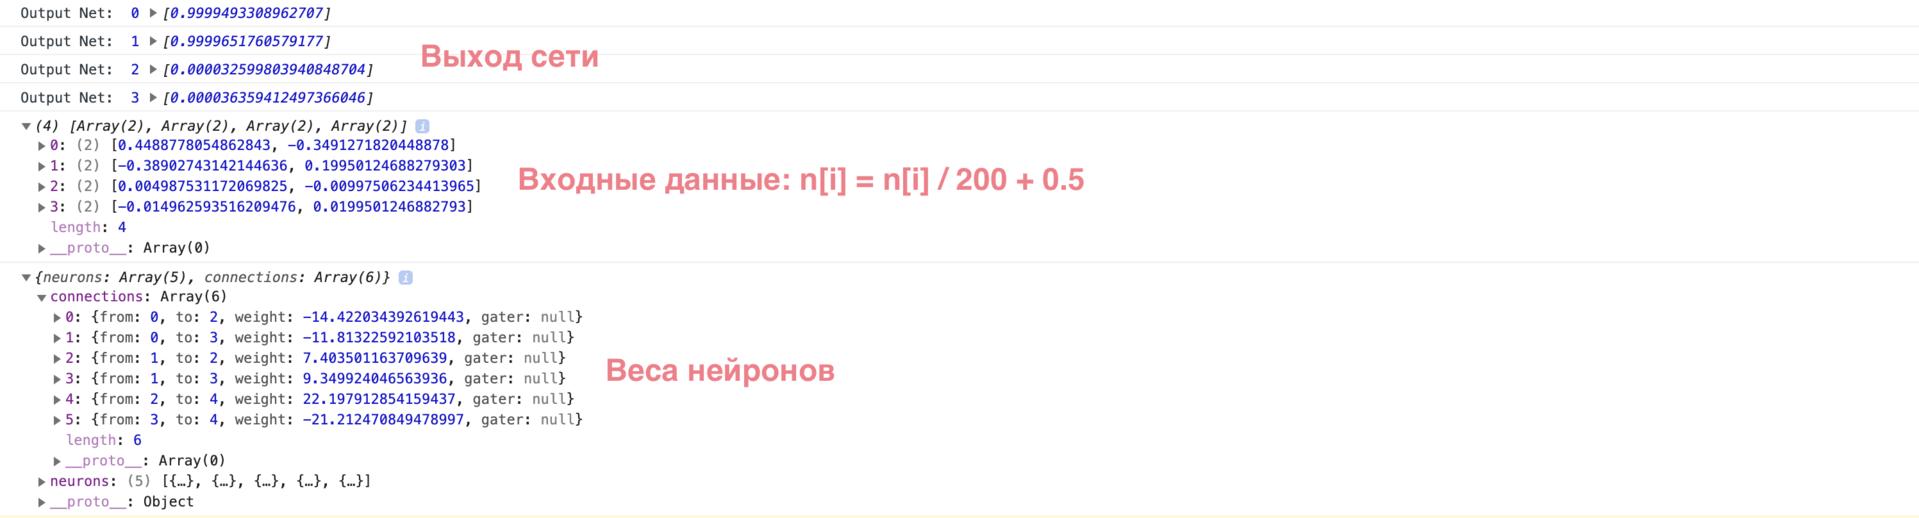 5d3ca1a492aea634145744.png